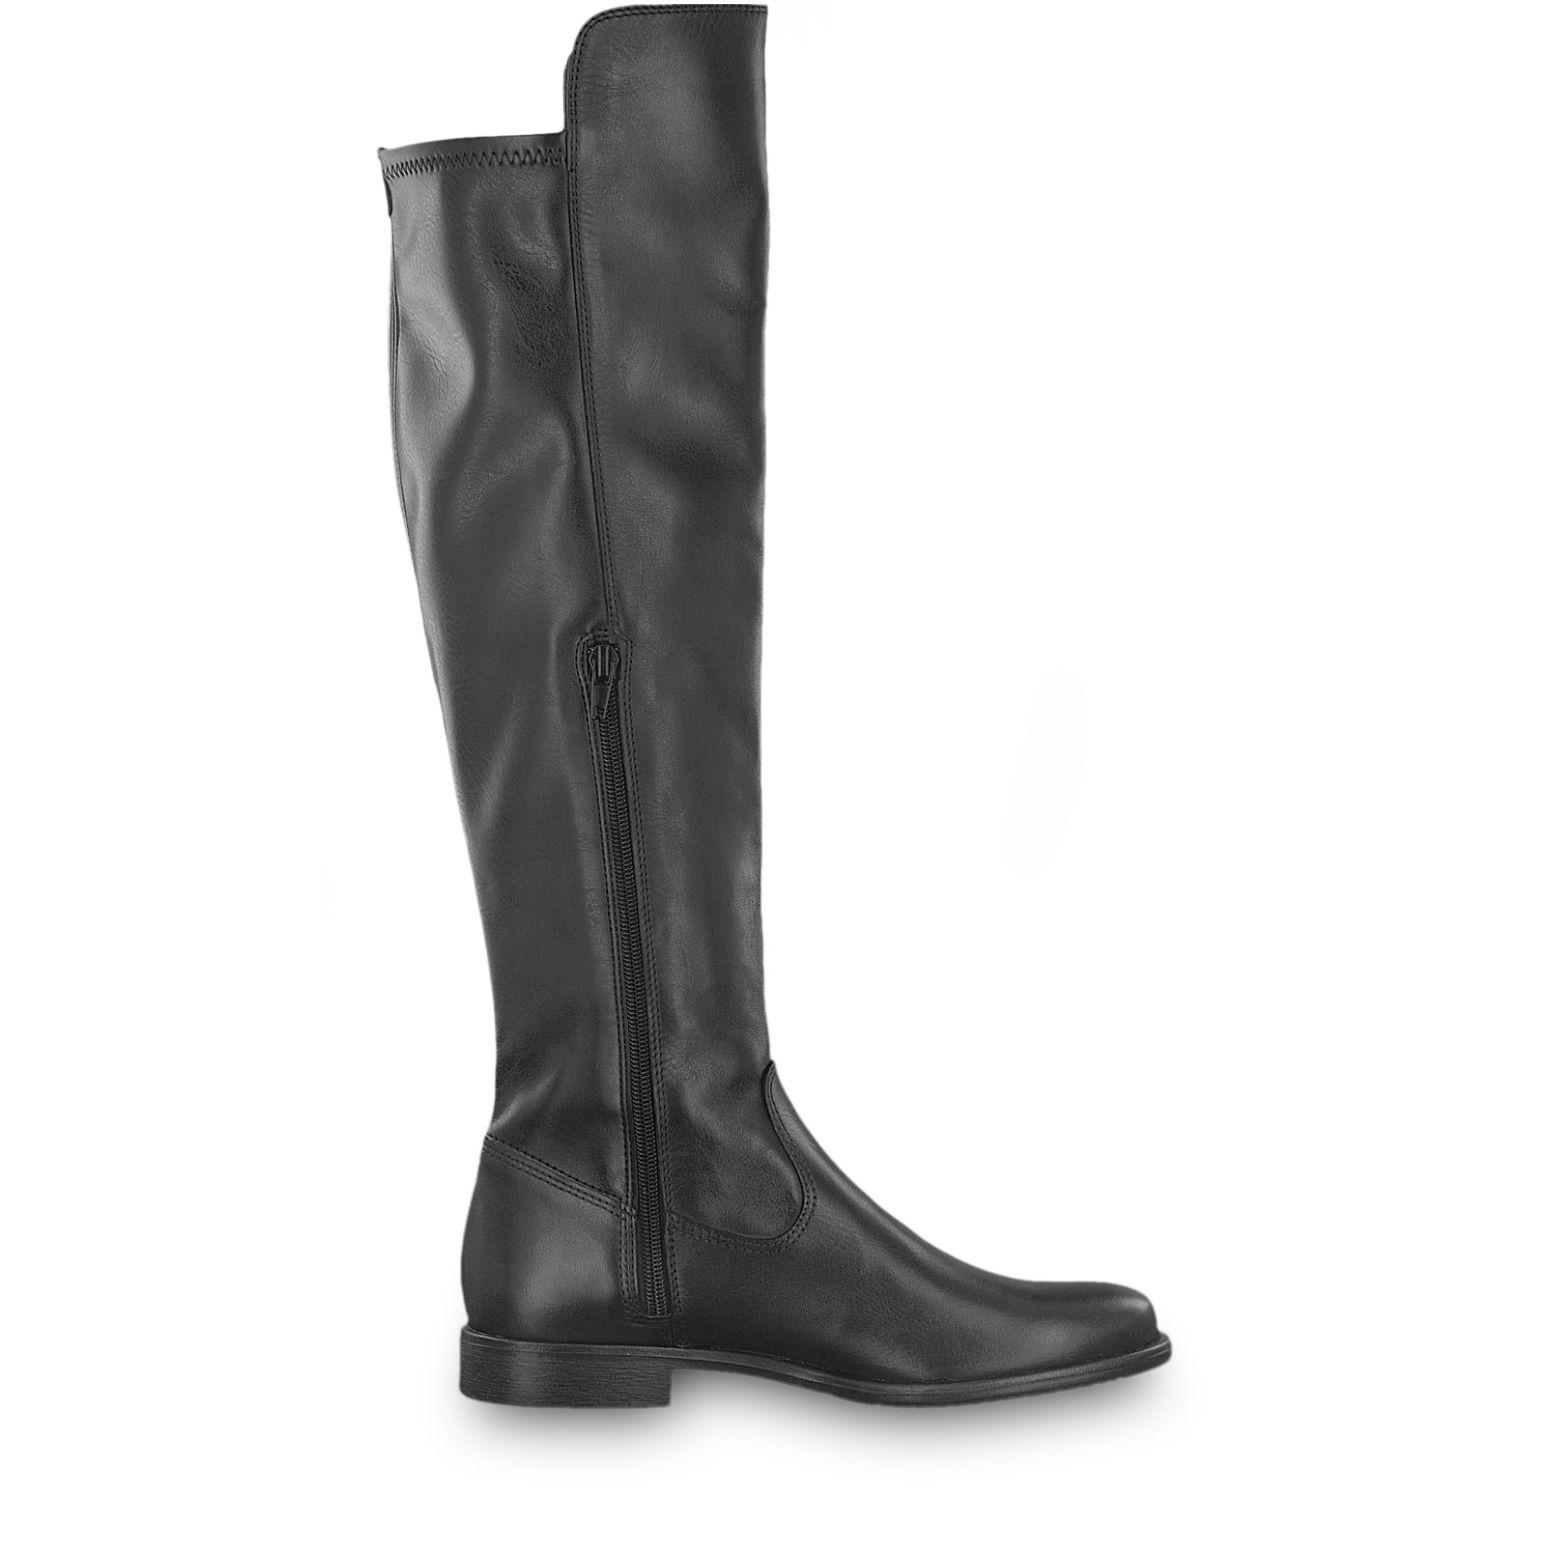 essayage des cuissardes Cuissardes a talons pas cher dans chaussures femmes – trouvez le prix le plus bas pour cuissardes a talons sur choozenfr – comparaison de prix publicité.